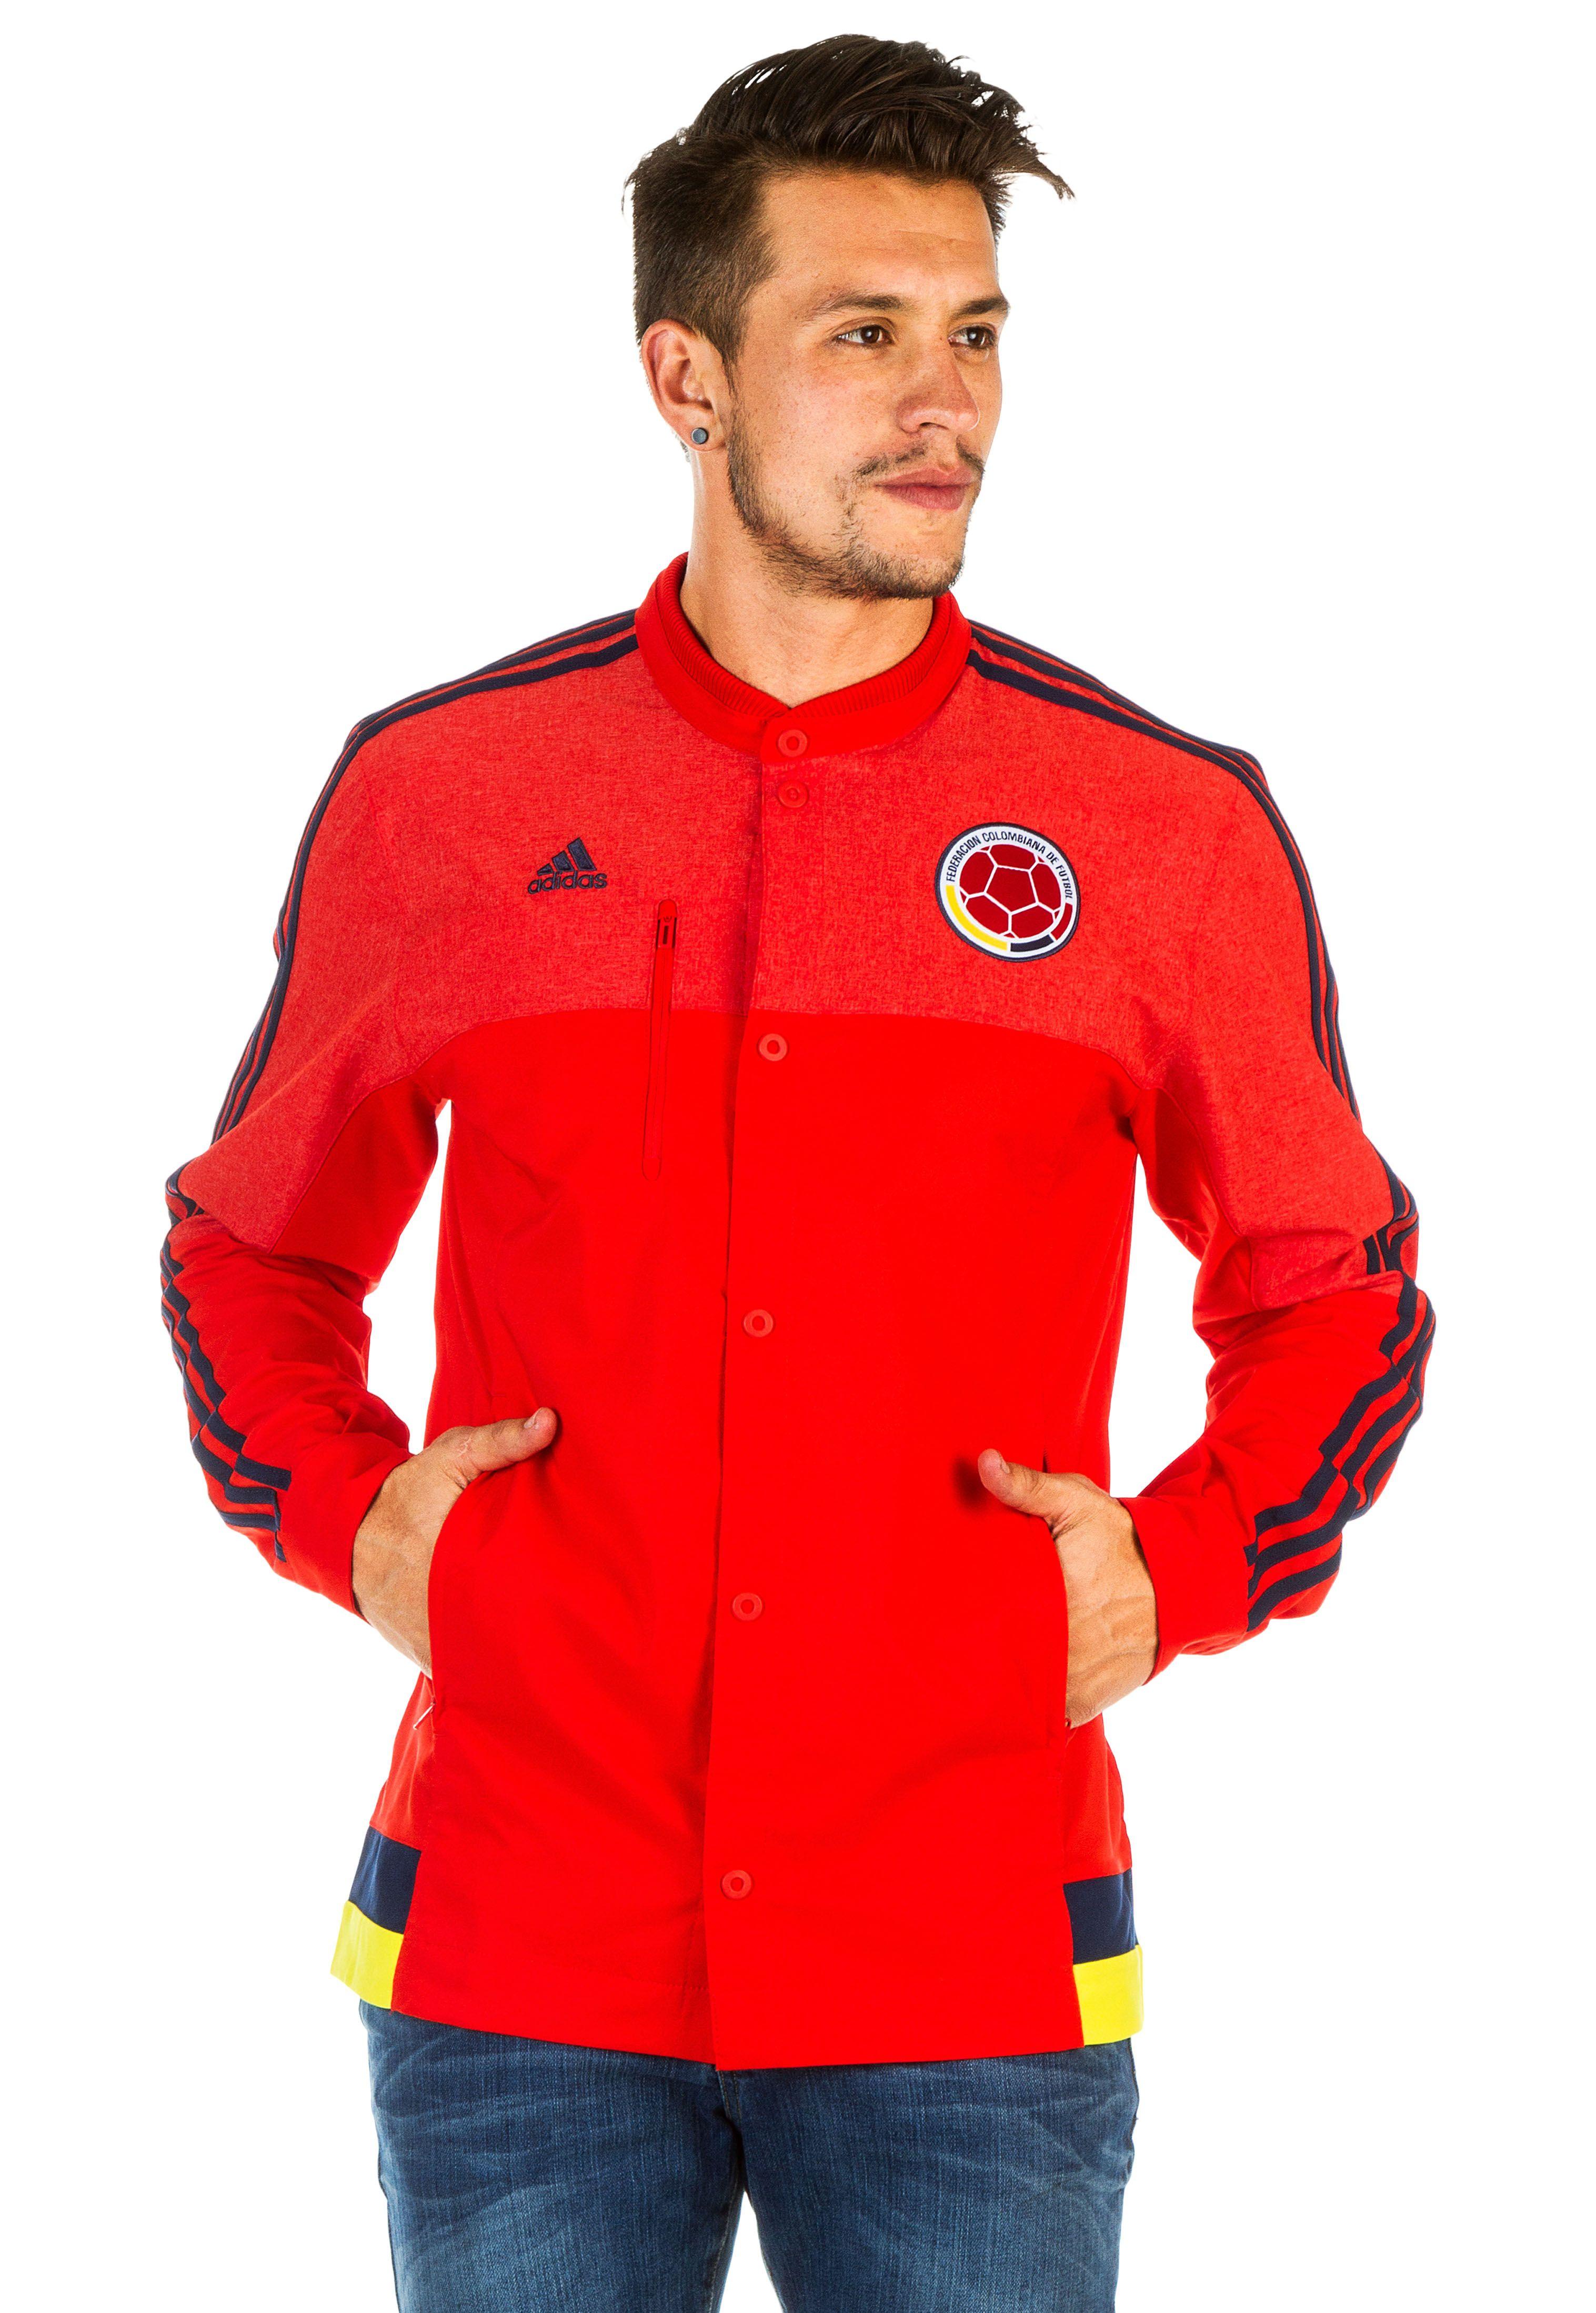 Roja adidas Chaqueta Adidas Originals Roja 2018 0nTxOz